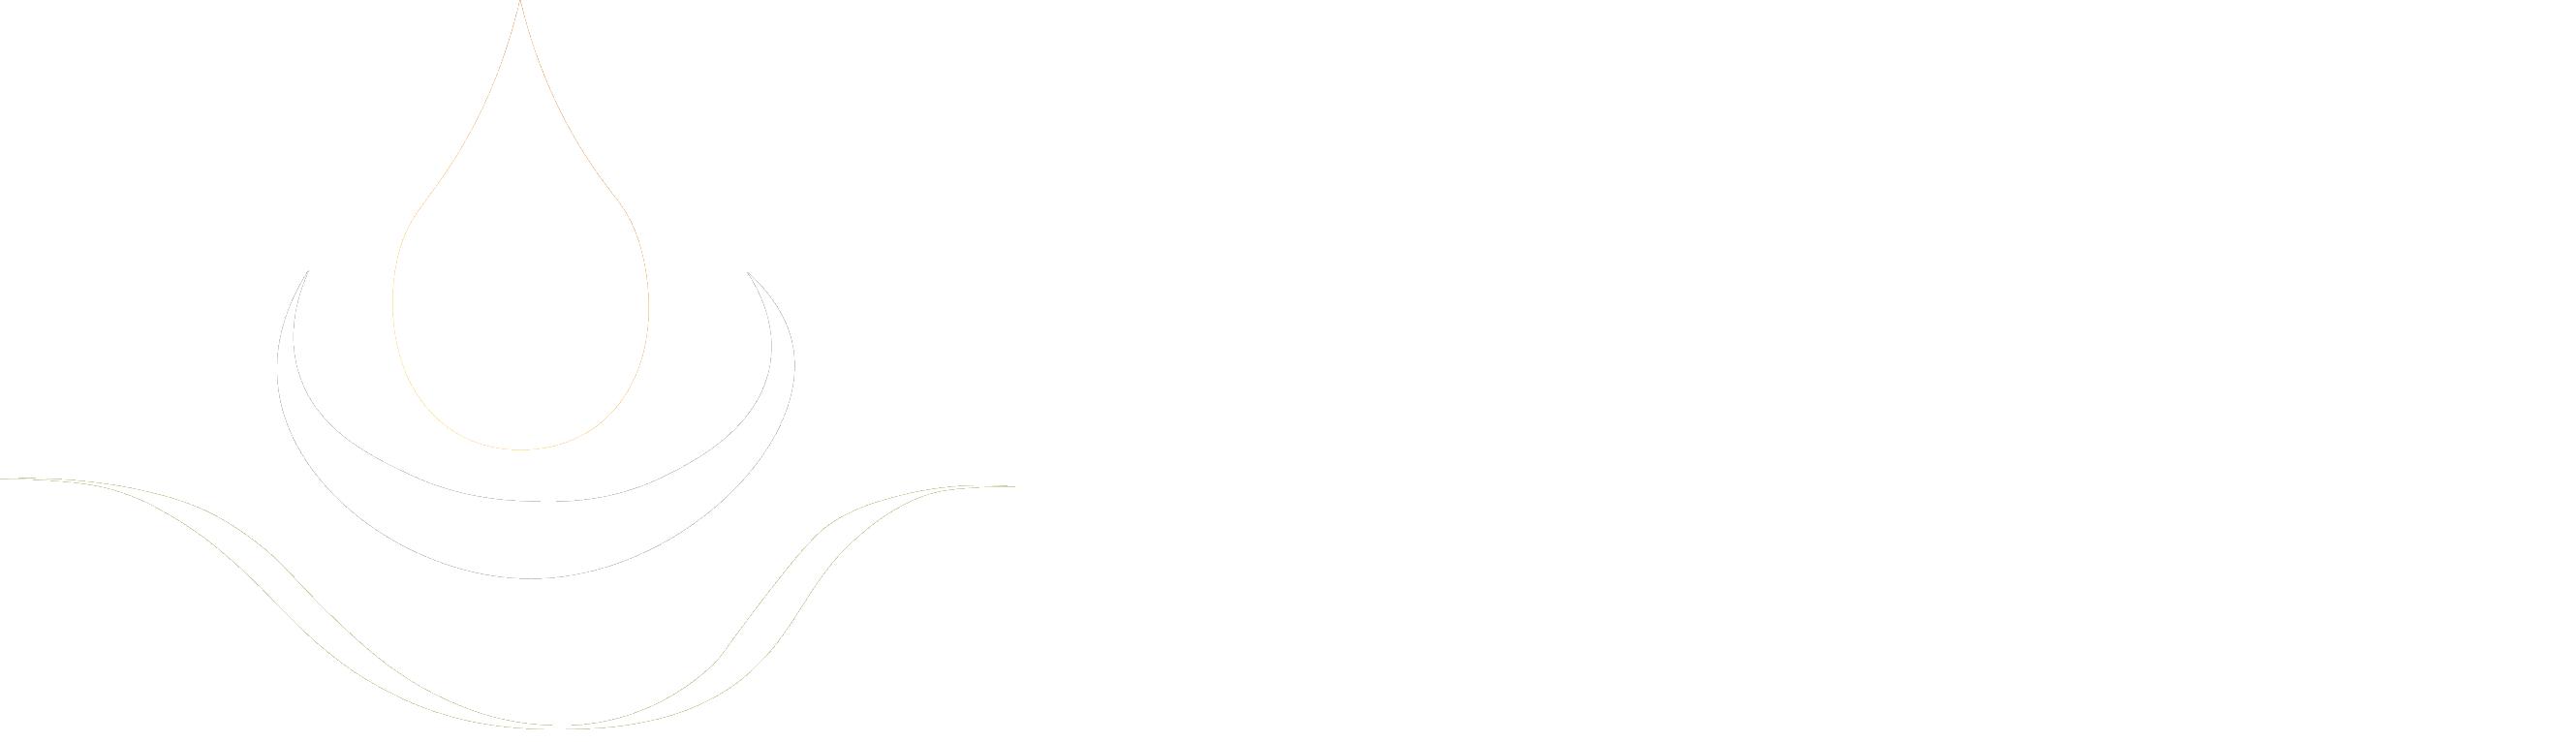 Totem Zelforganisatie